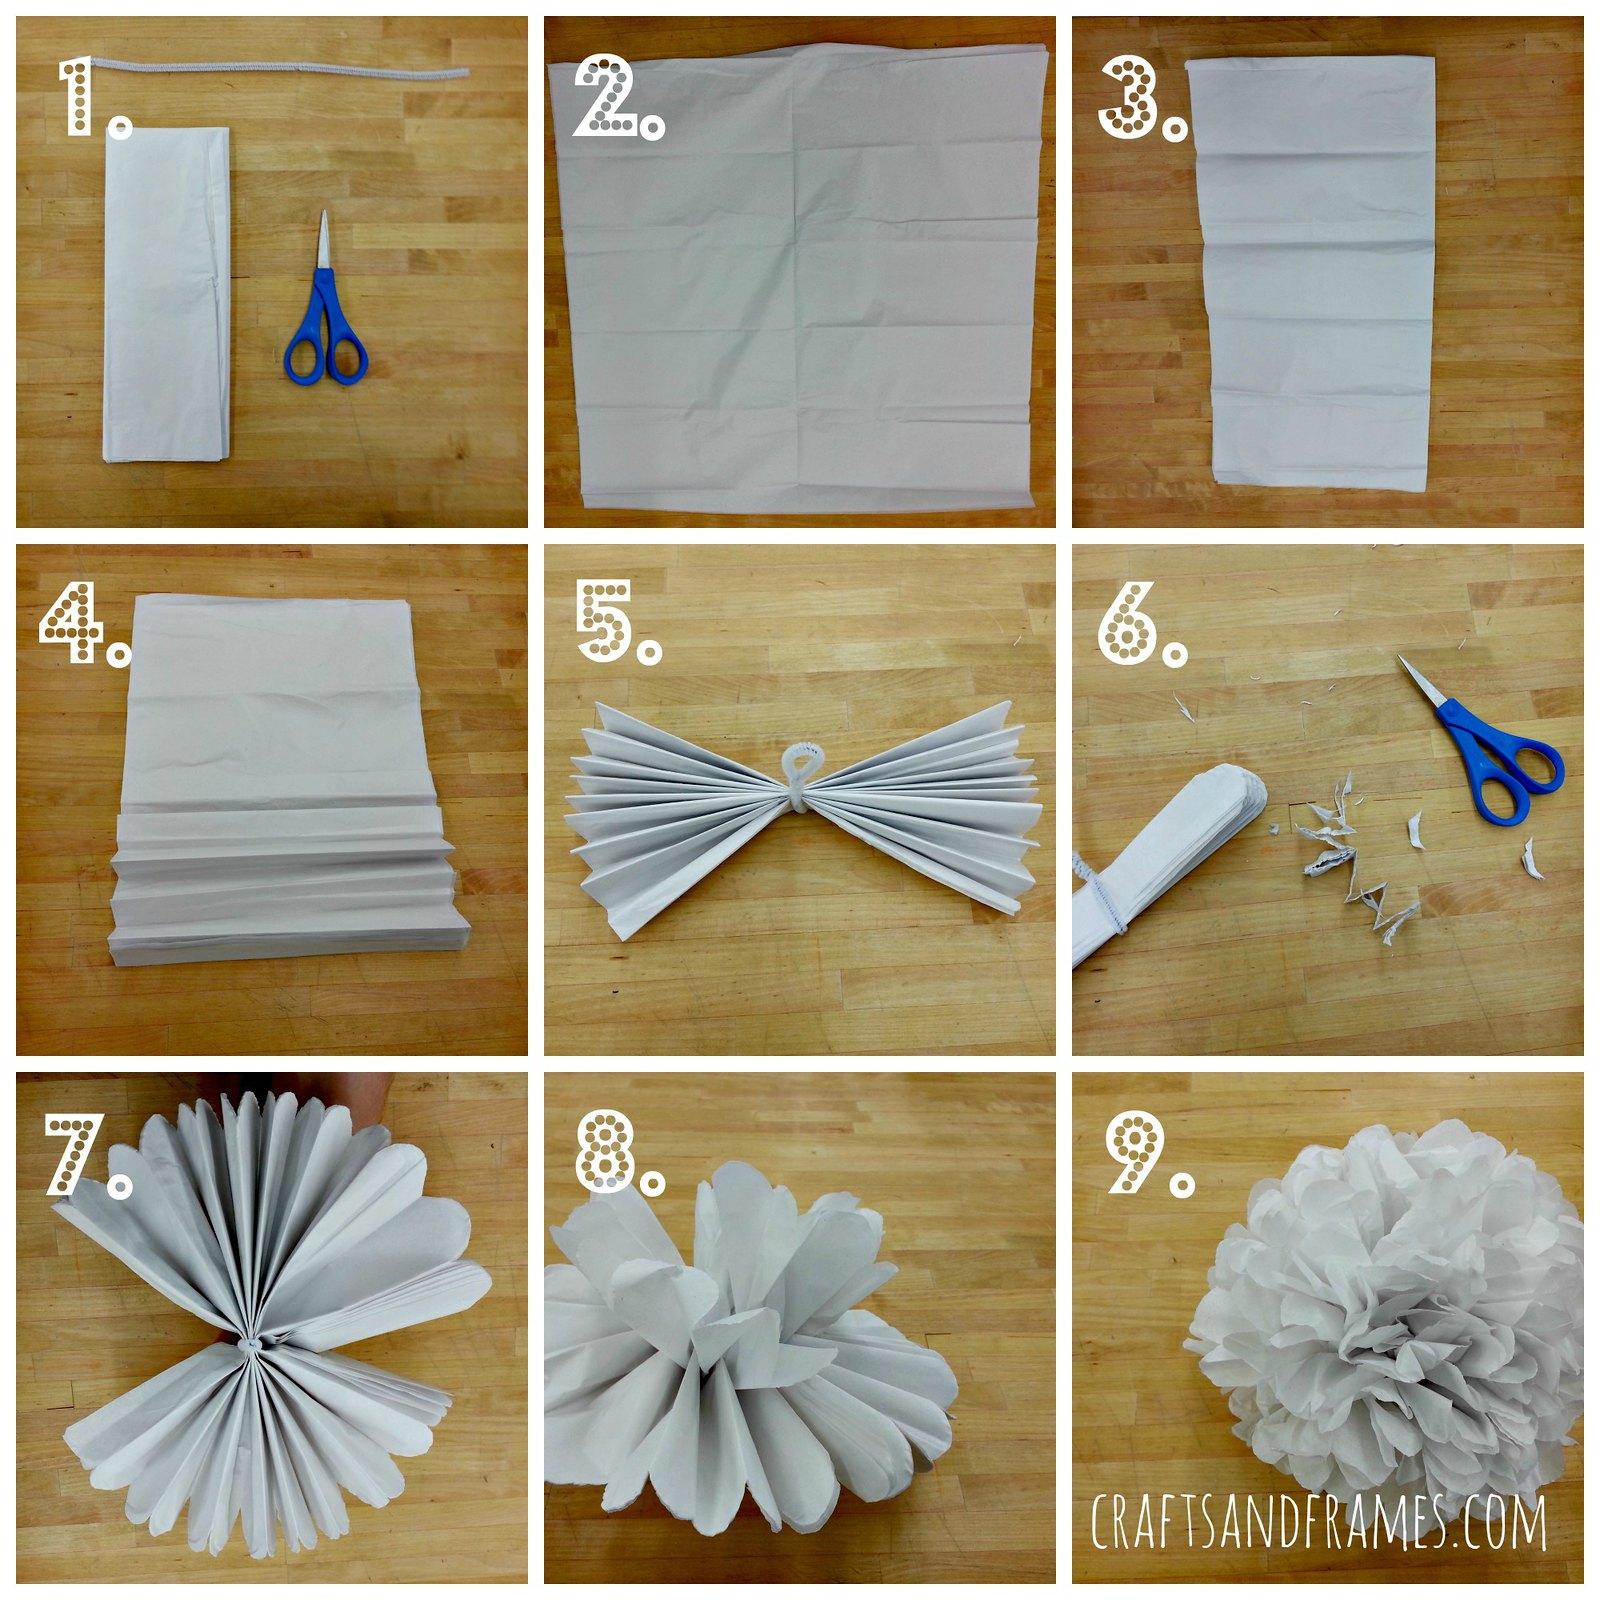 how to make paper pom poms copywriterbioelements. Black Bedroom Furniture Sets. Home Design Ideas